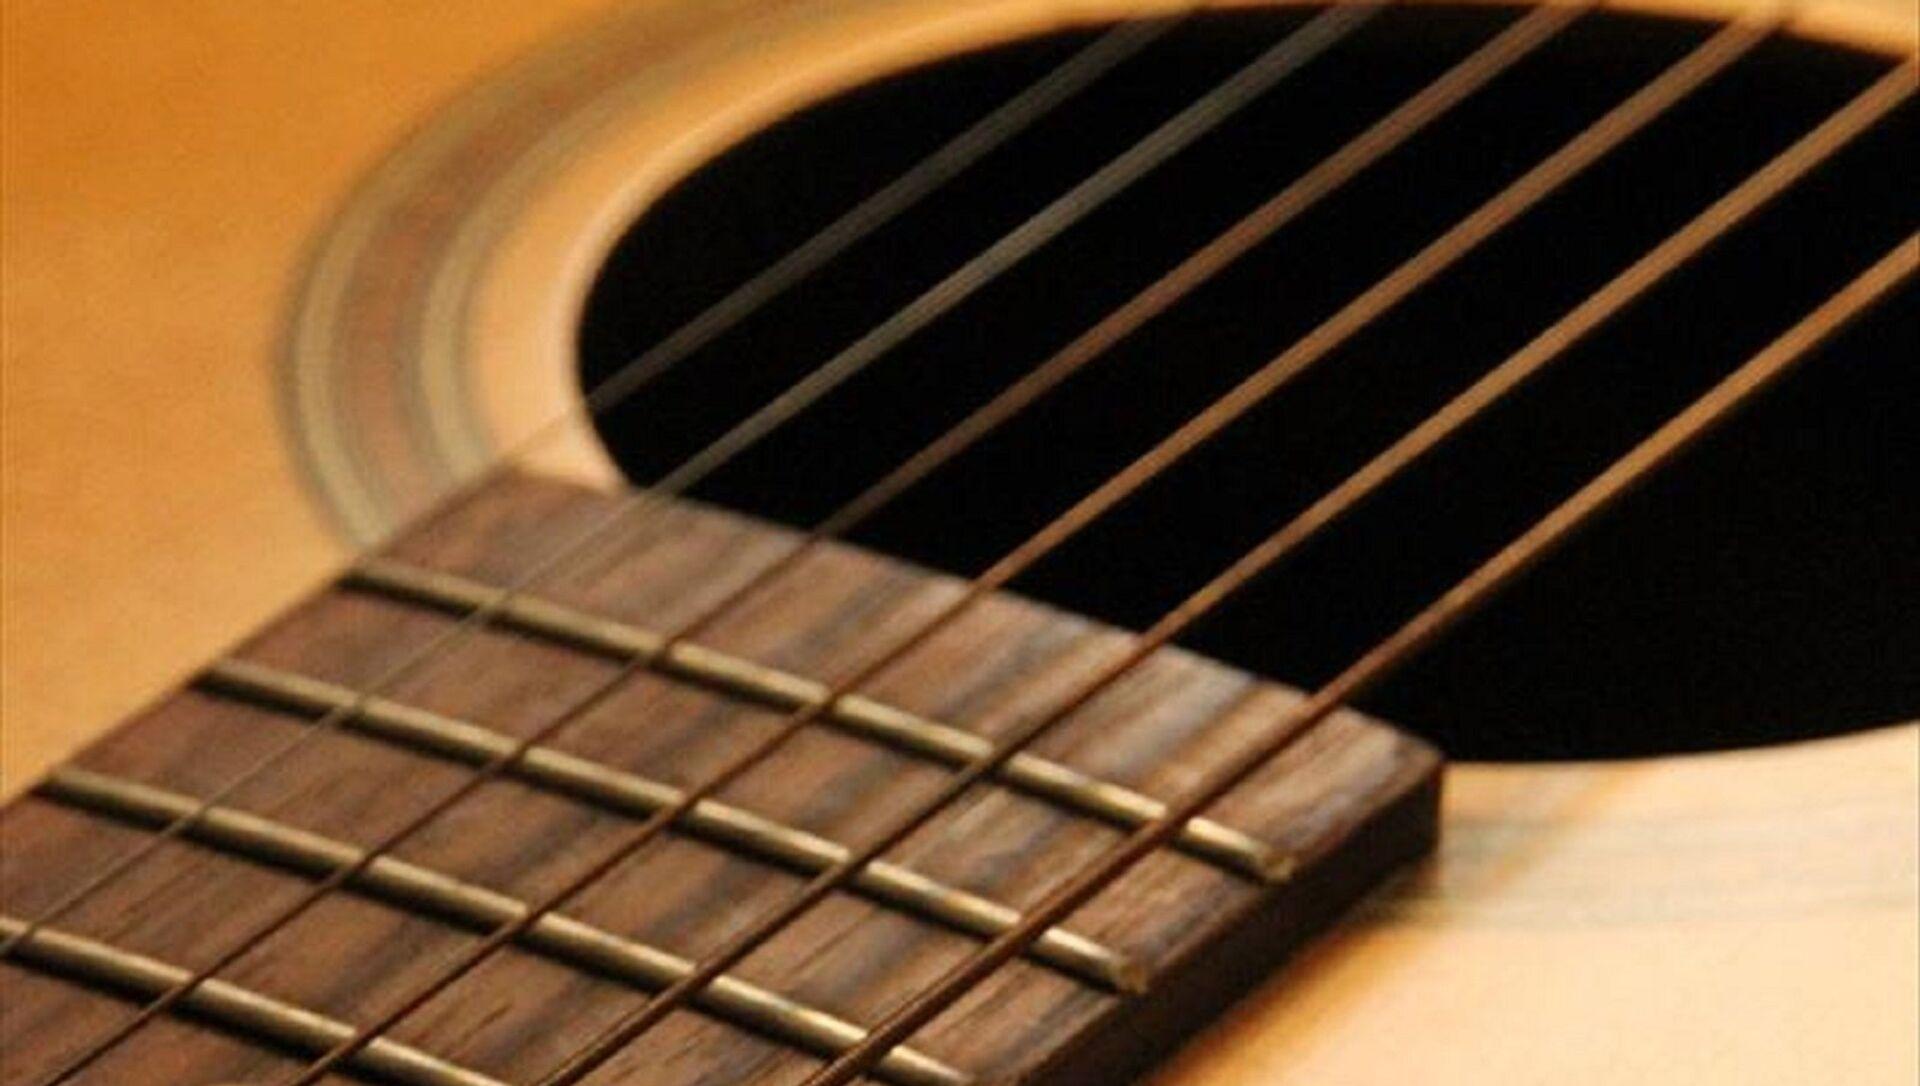 Gitar - Sputnik Türkiye, 1920, 02.06.2021